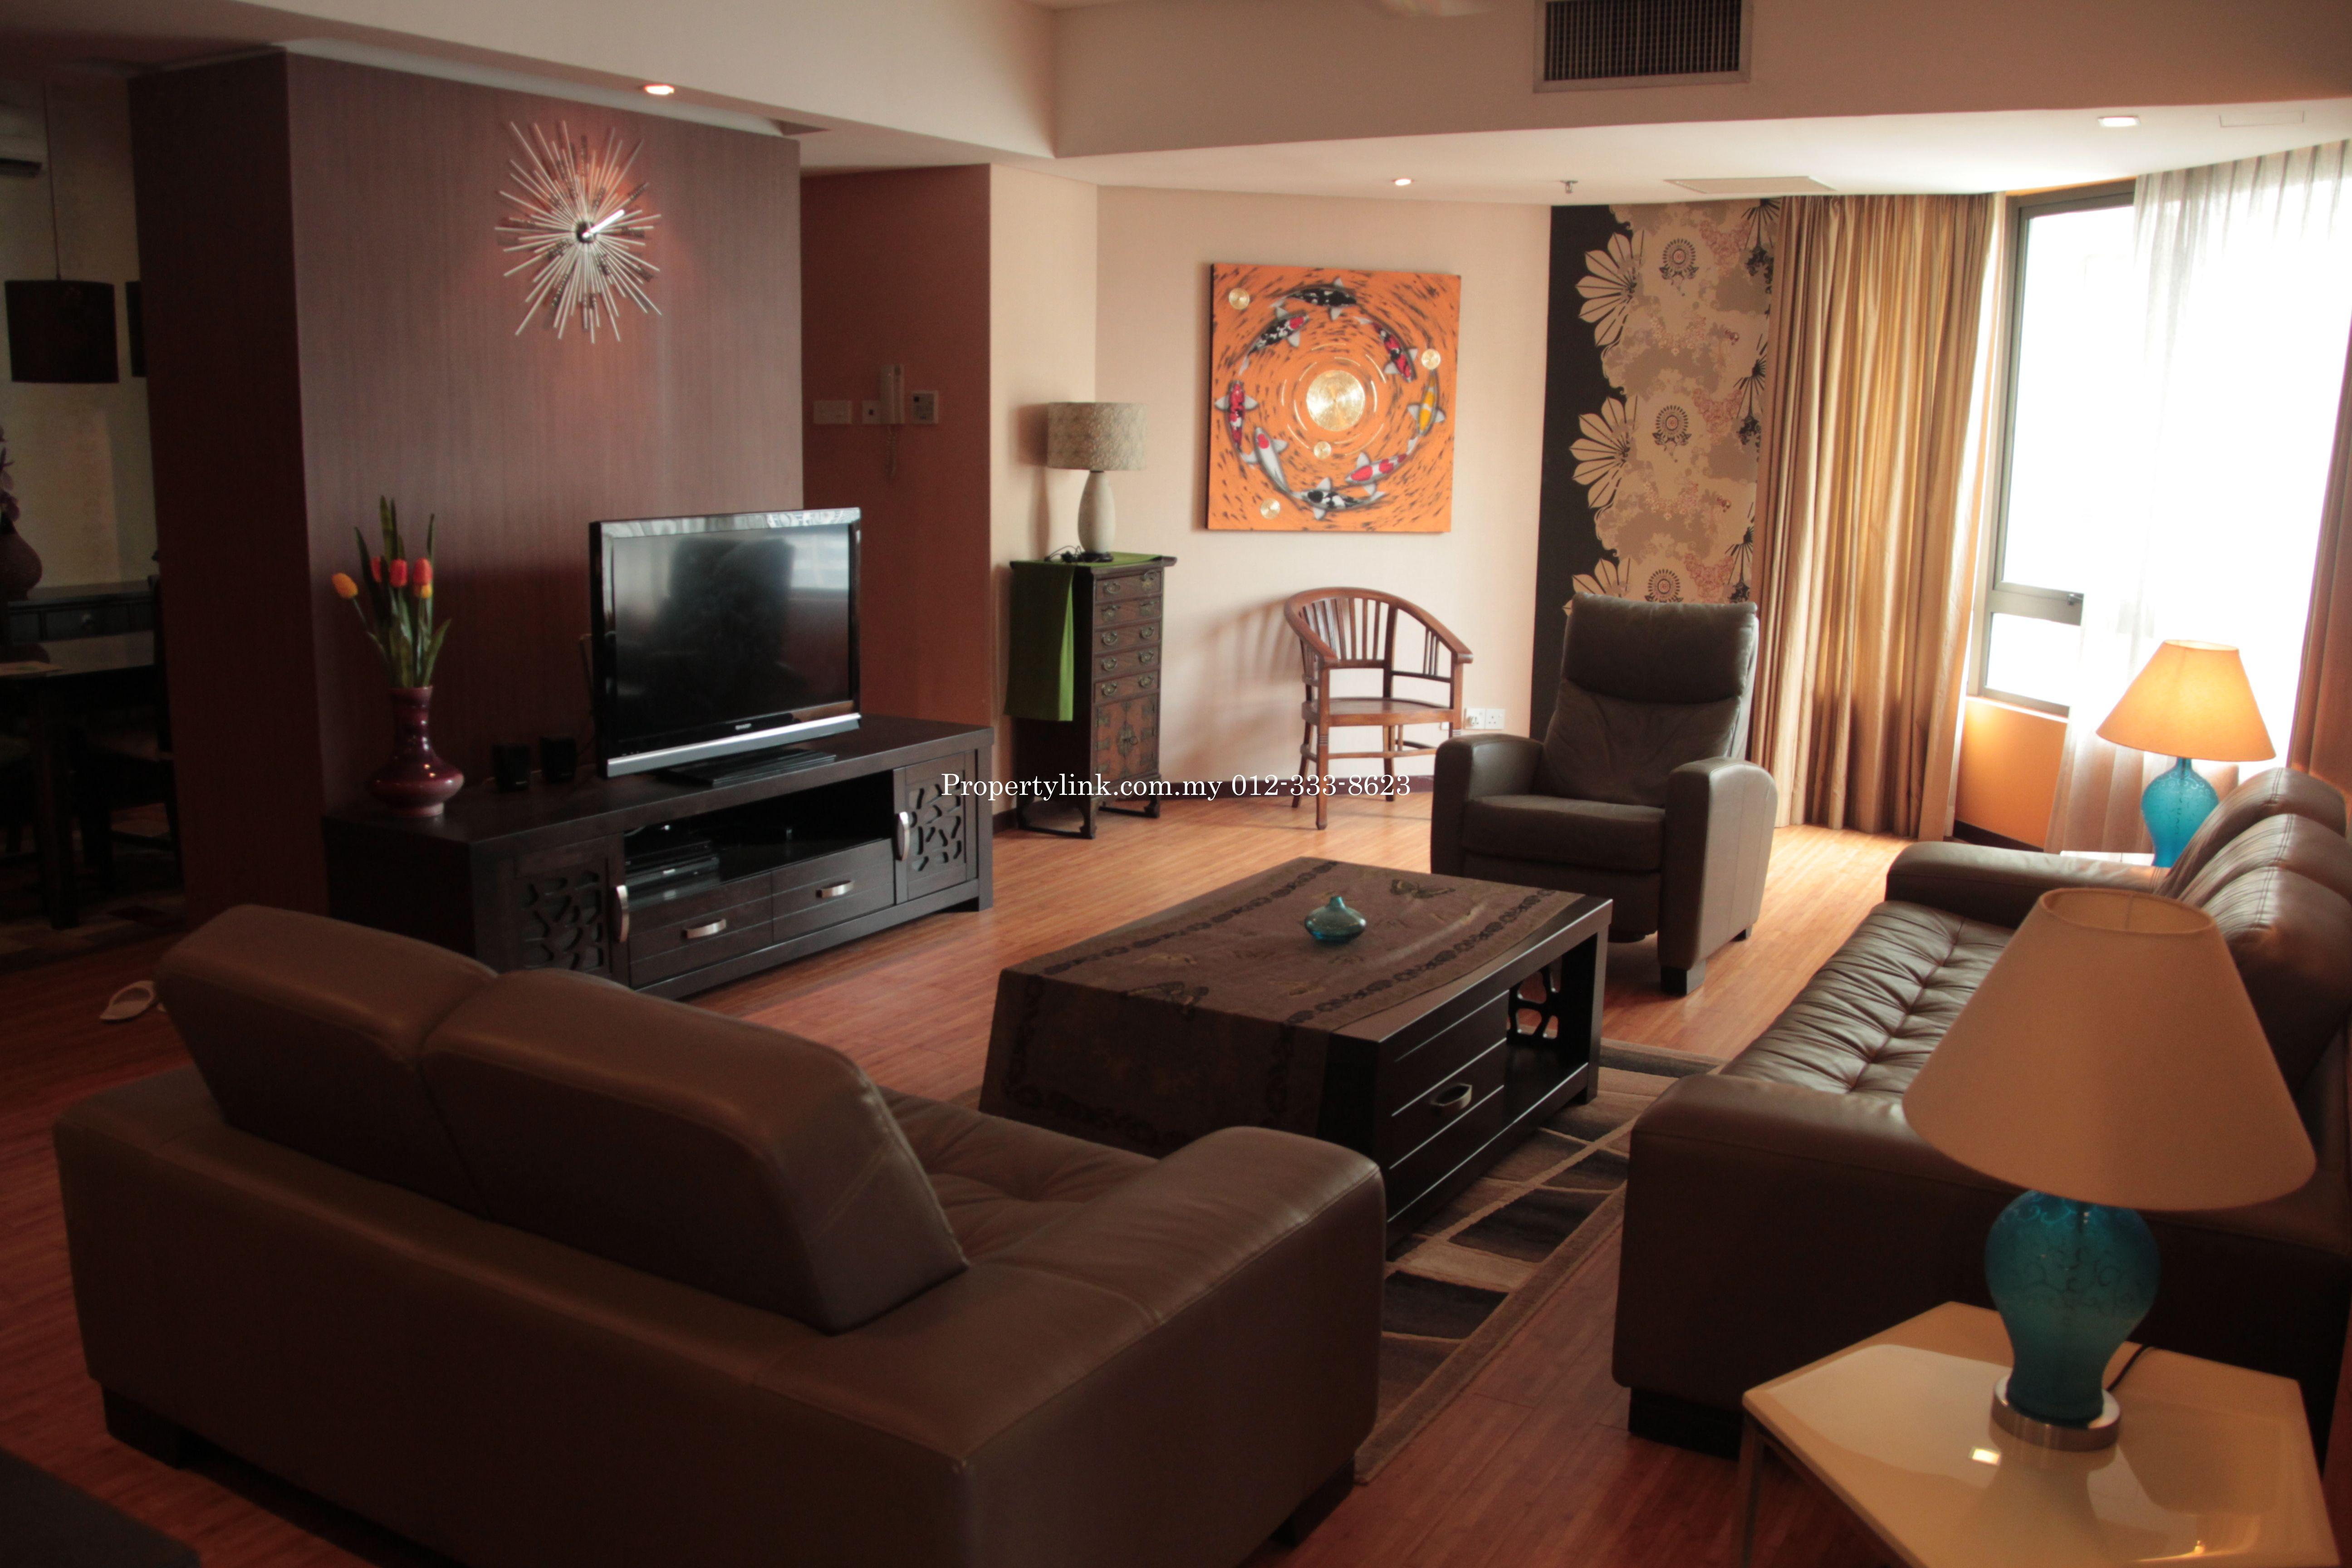 Izen Kiara 2, Mont Kiara Service Apartment, Kuala Lumpur, Malaysia, For Rent 出租